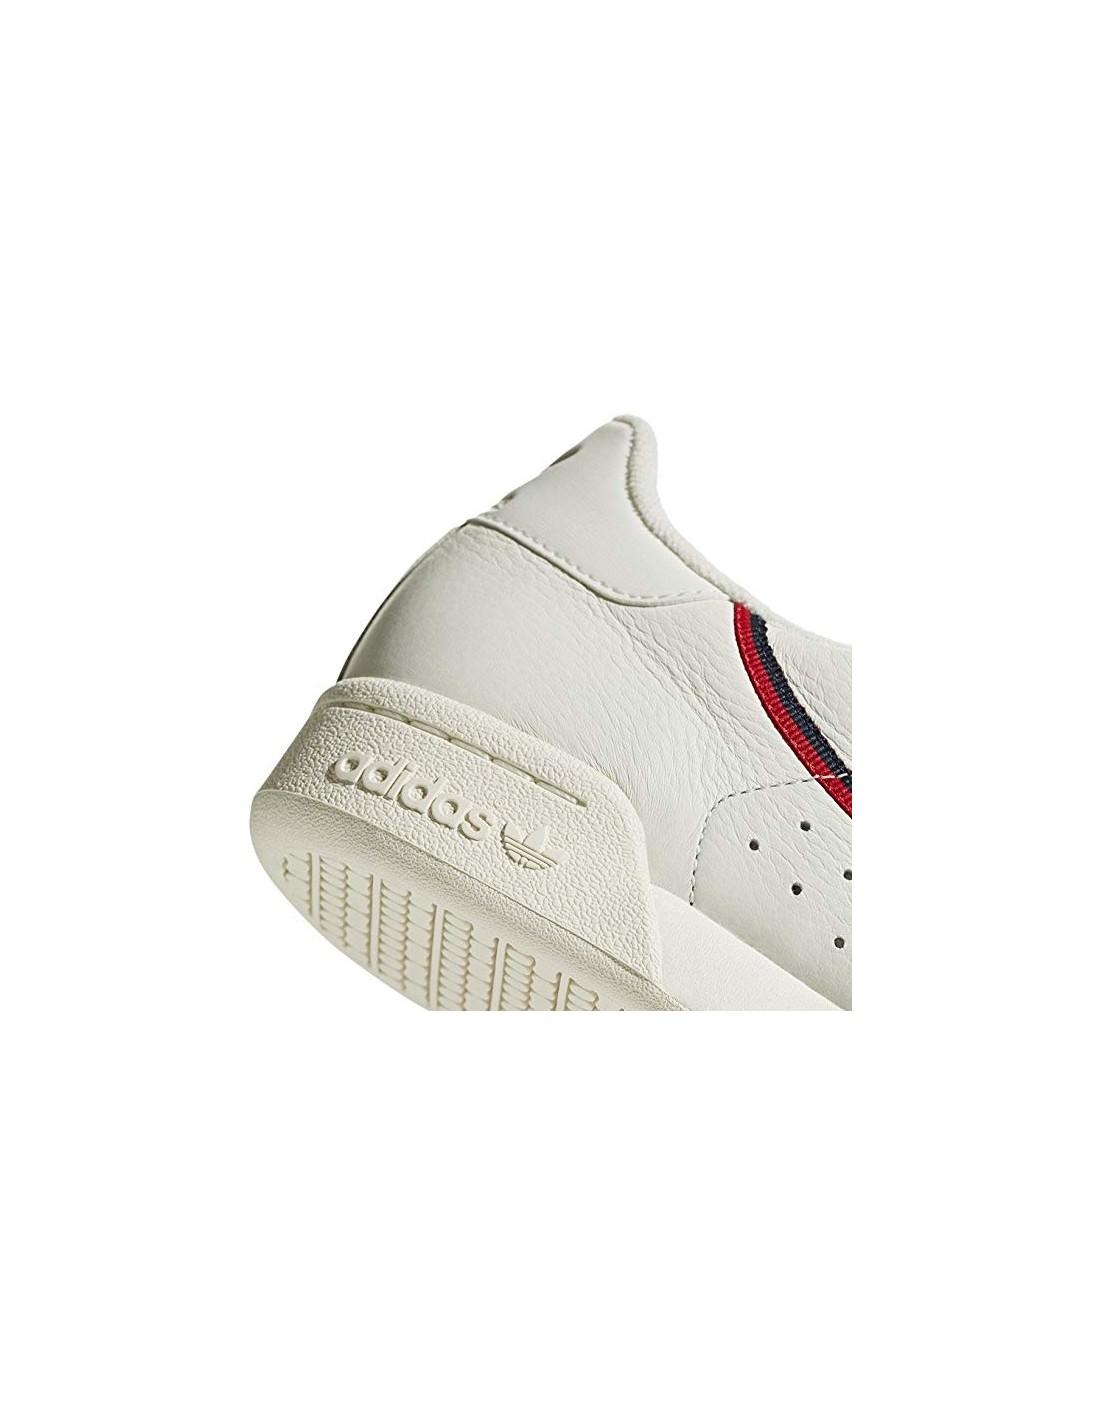 Adidas Originals Continental 80s Men's Shoes (B41680